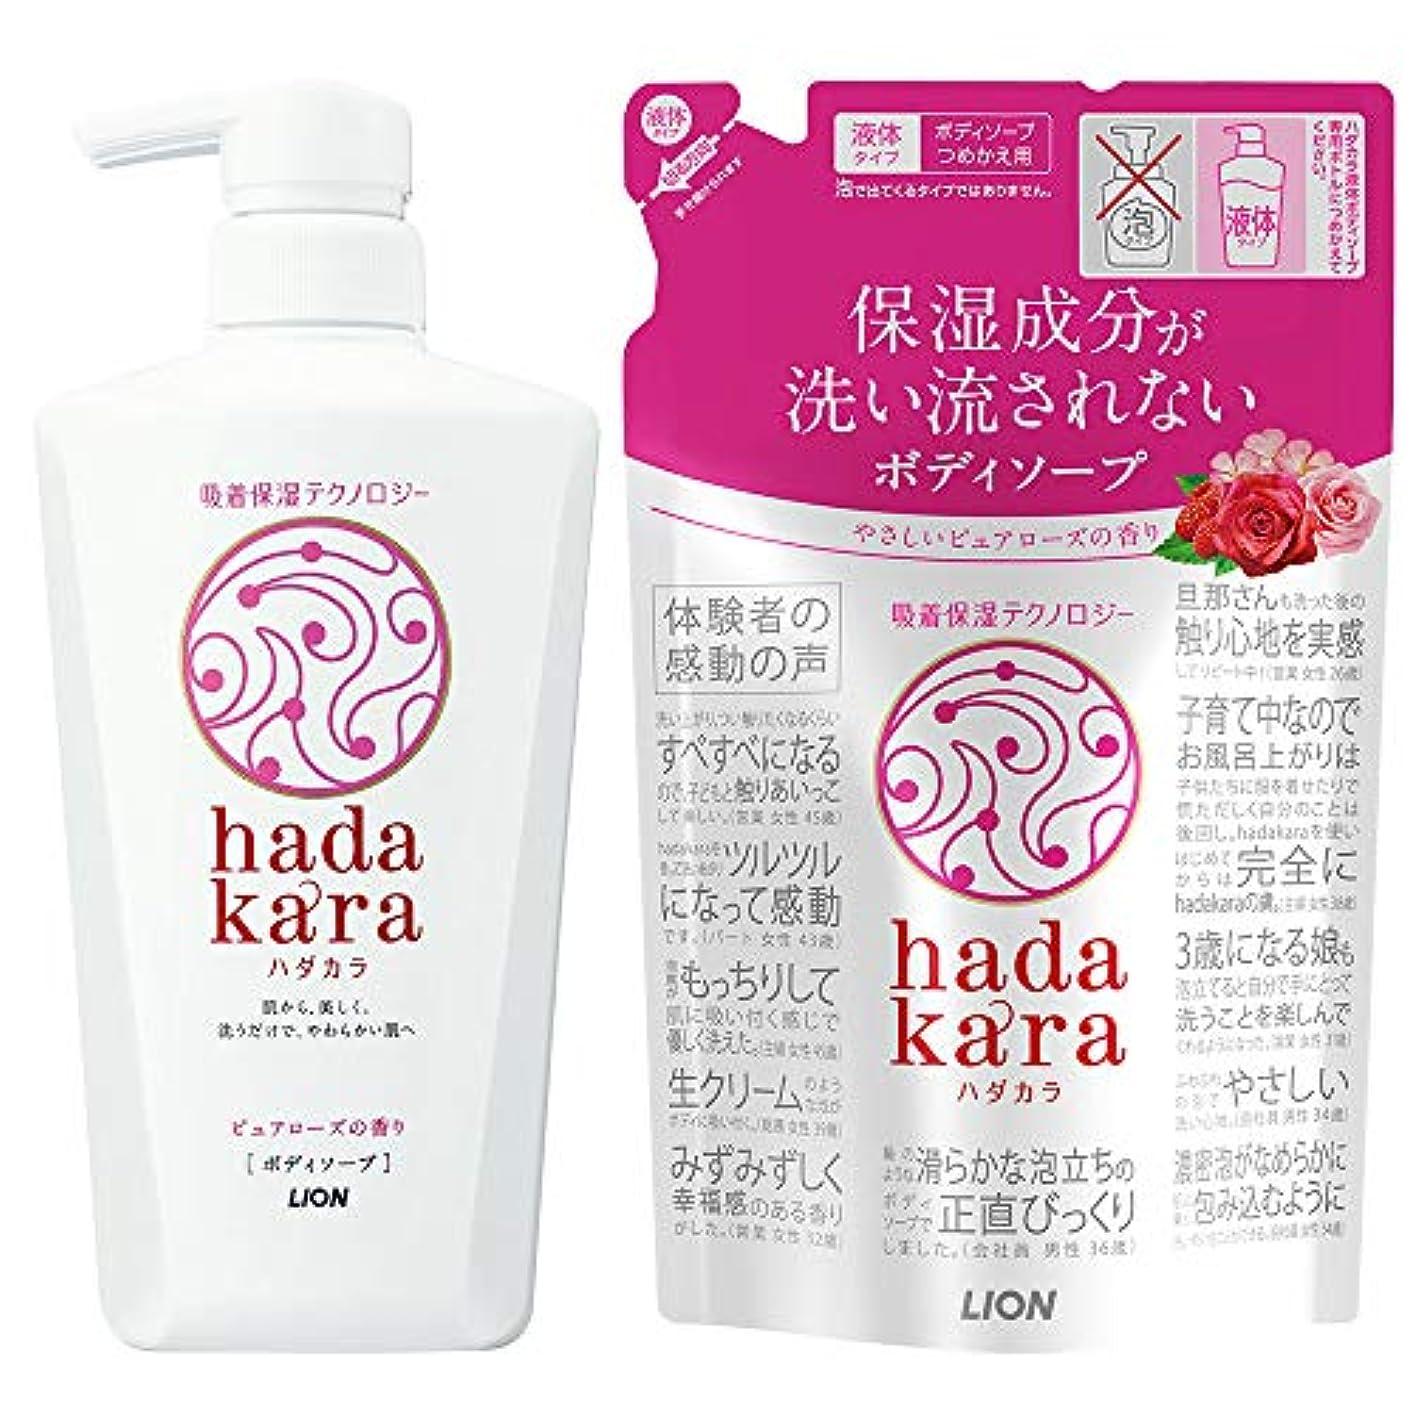 憤る底起こりやすいhadakara(ハダカラ) ボディソープ ピュアローズの香り 本体500ml+つめかえ360ml +